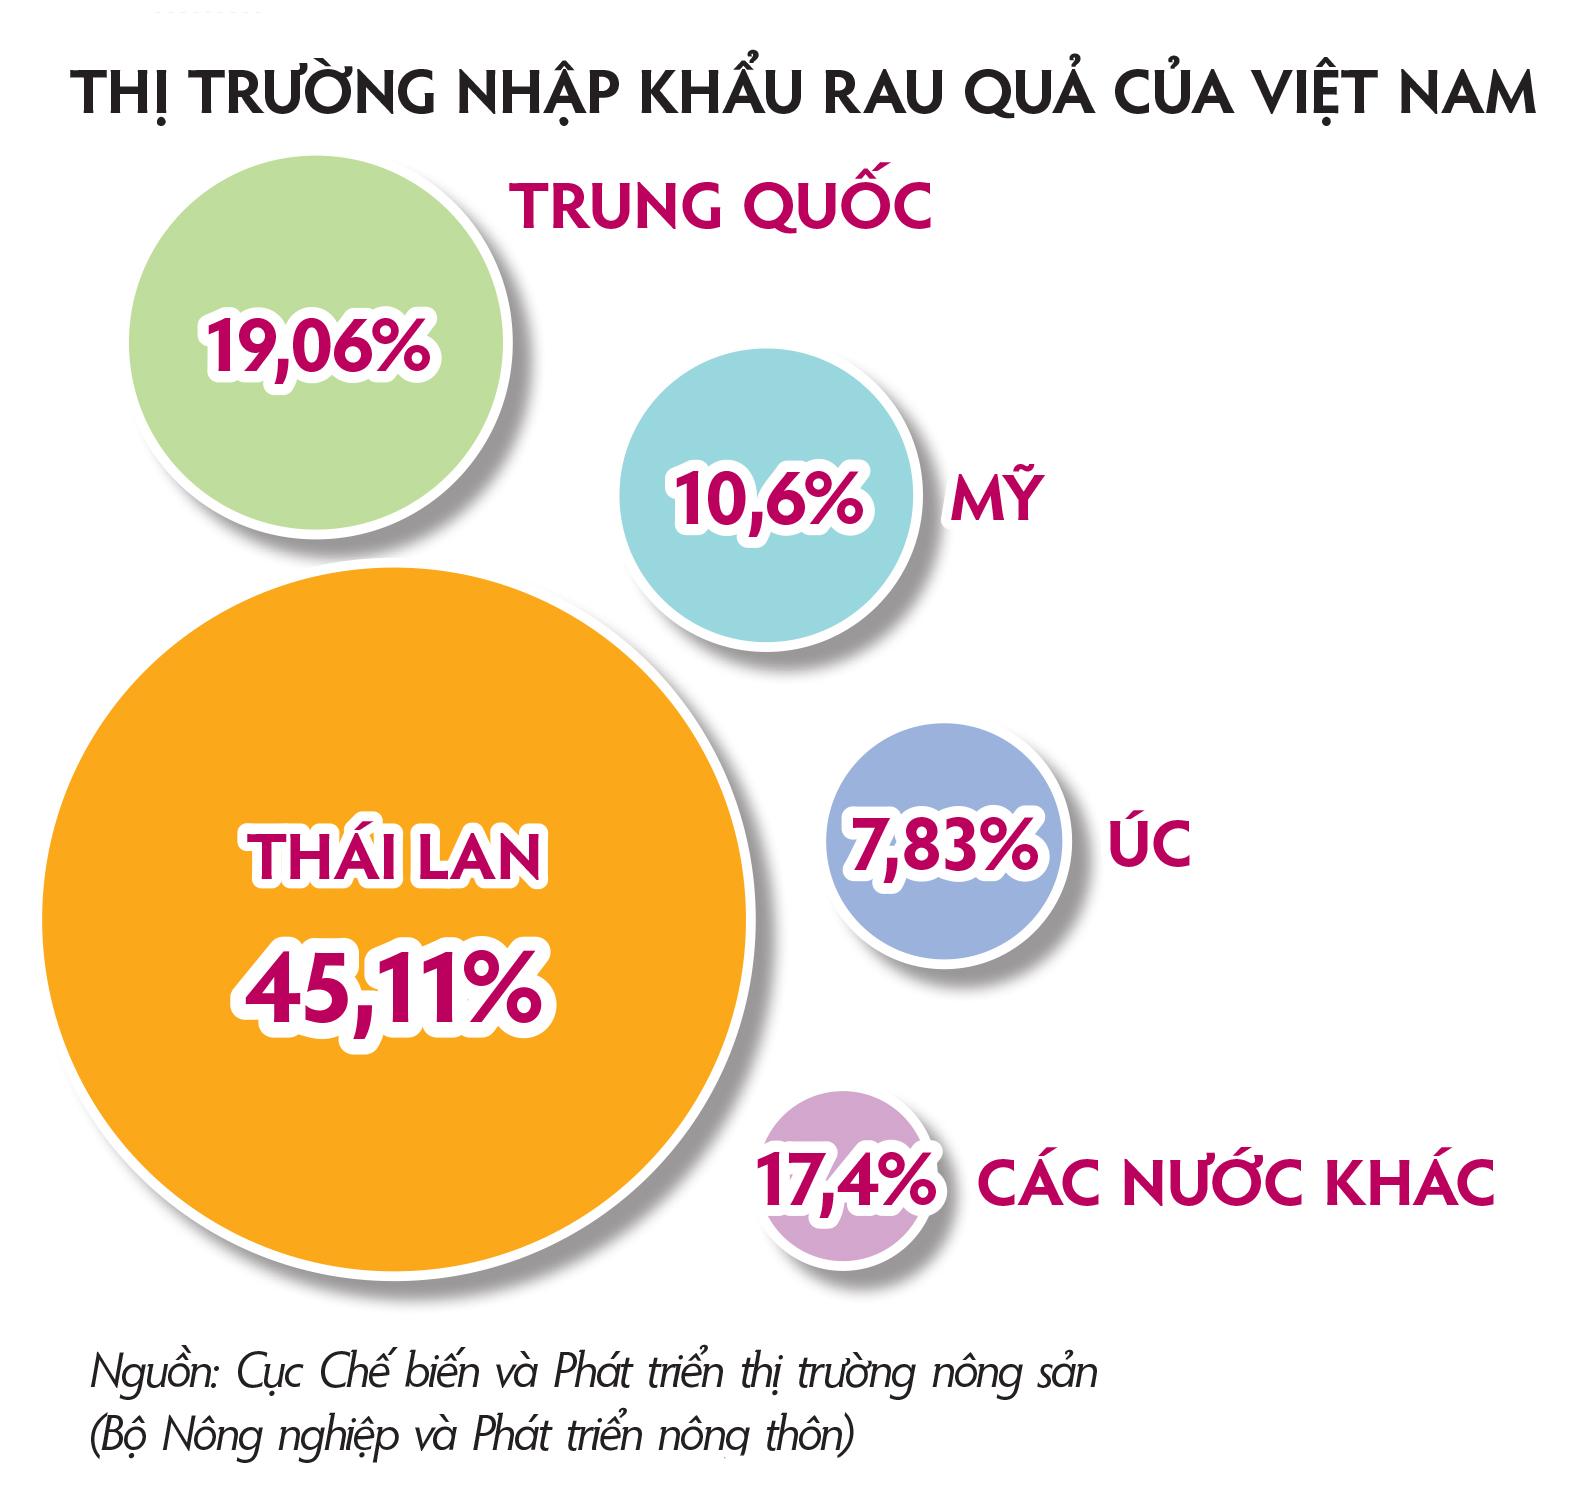 Thị trường nhập khẩu rau quả của Việt Nam.